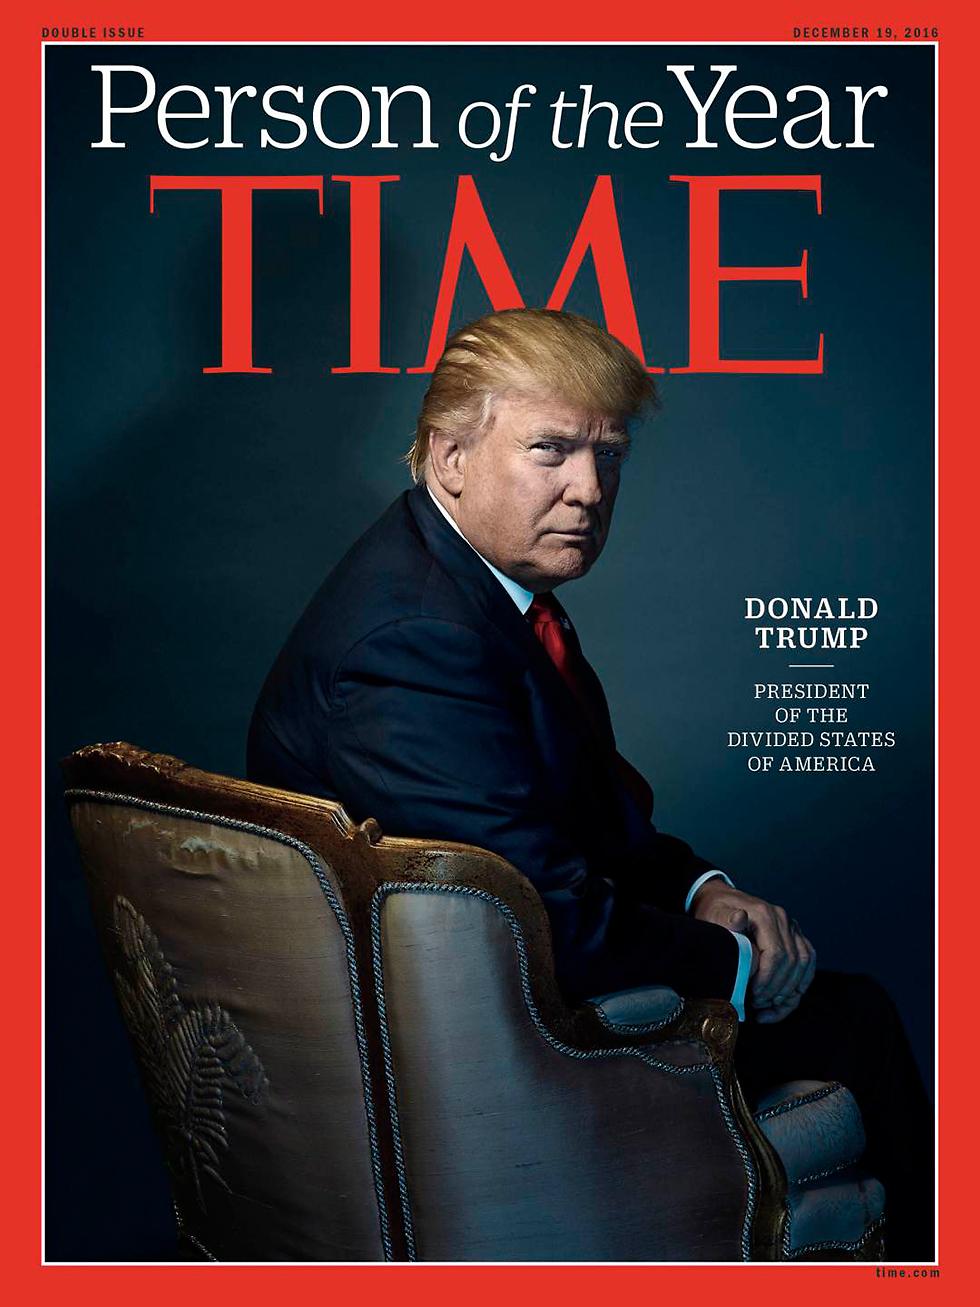 טראמפ על השער של המגזין בשנה שעברה ()